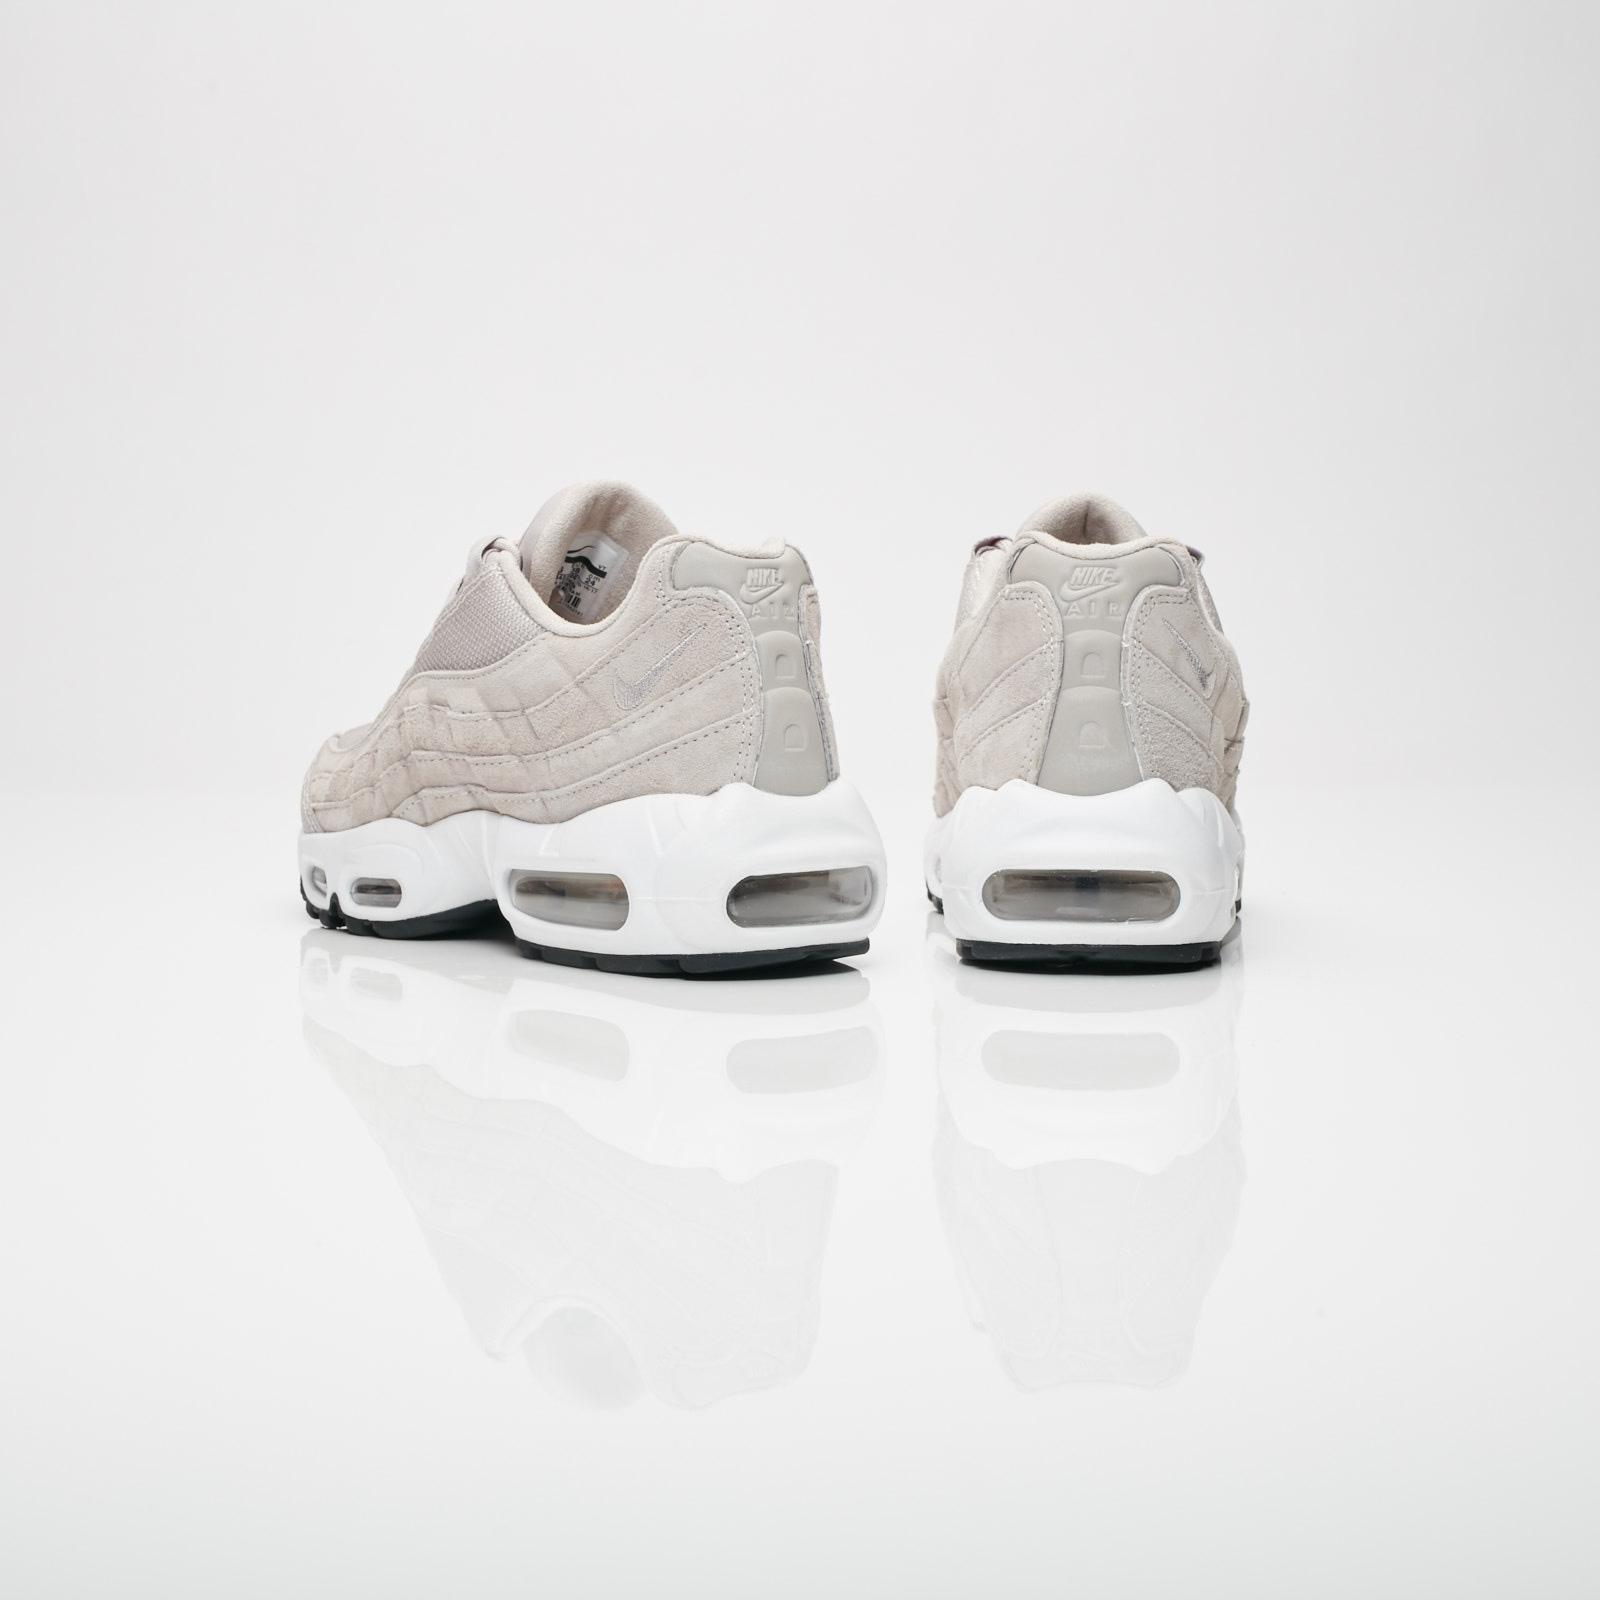 best sneakers 52903 b042d Nike Wmns Air Max 95 PRM - 807443-200 - Sneakersnstuff   sneakers    streetwear på nätet sen 1999